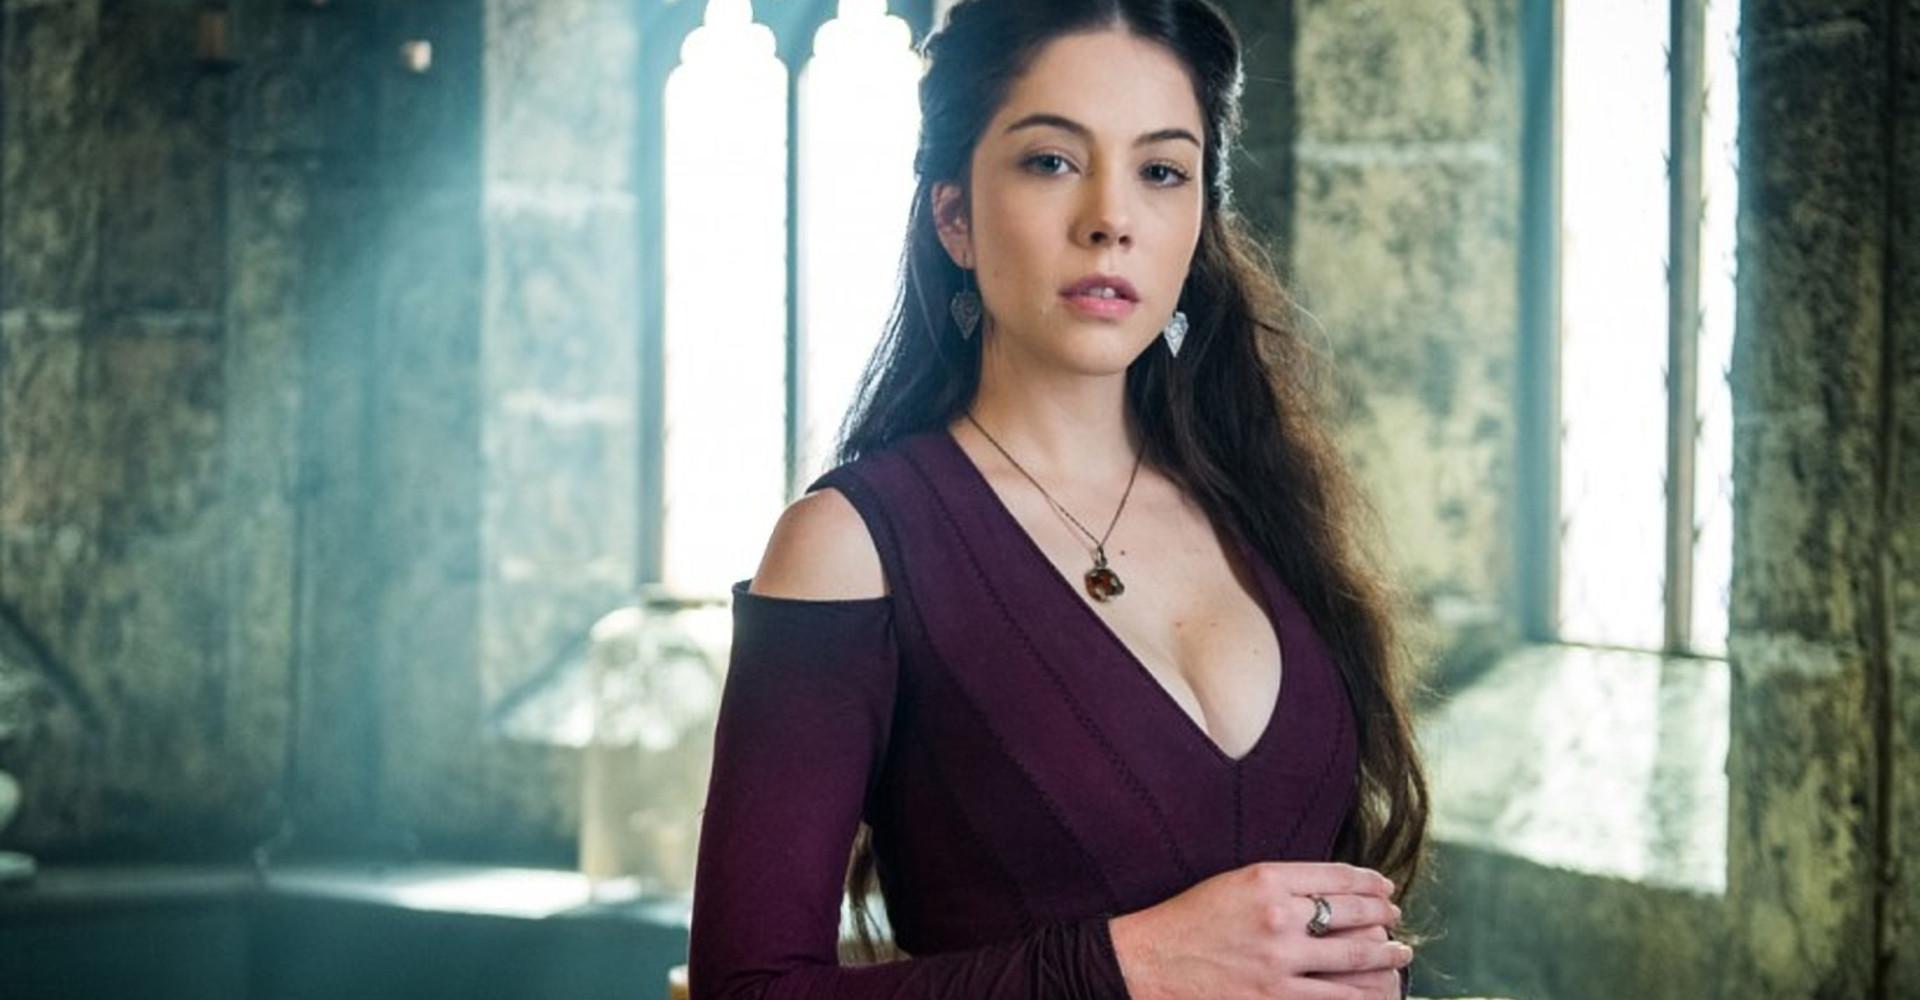 Catarina expulsa Brice do castelo em 'Deus Salve o Rei'